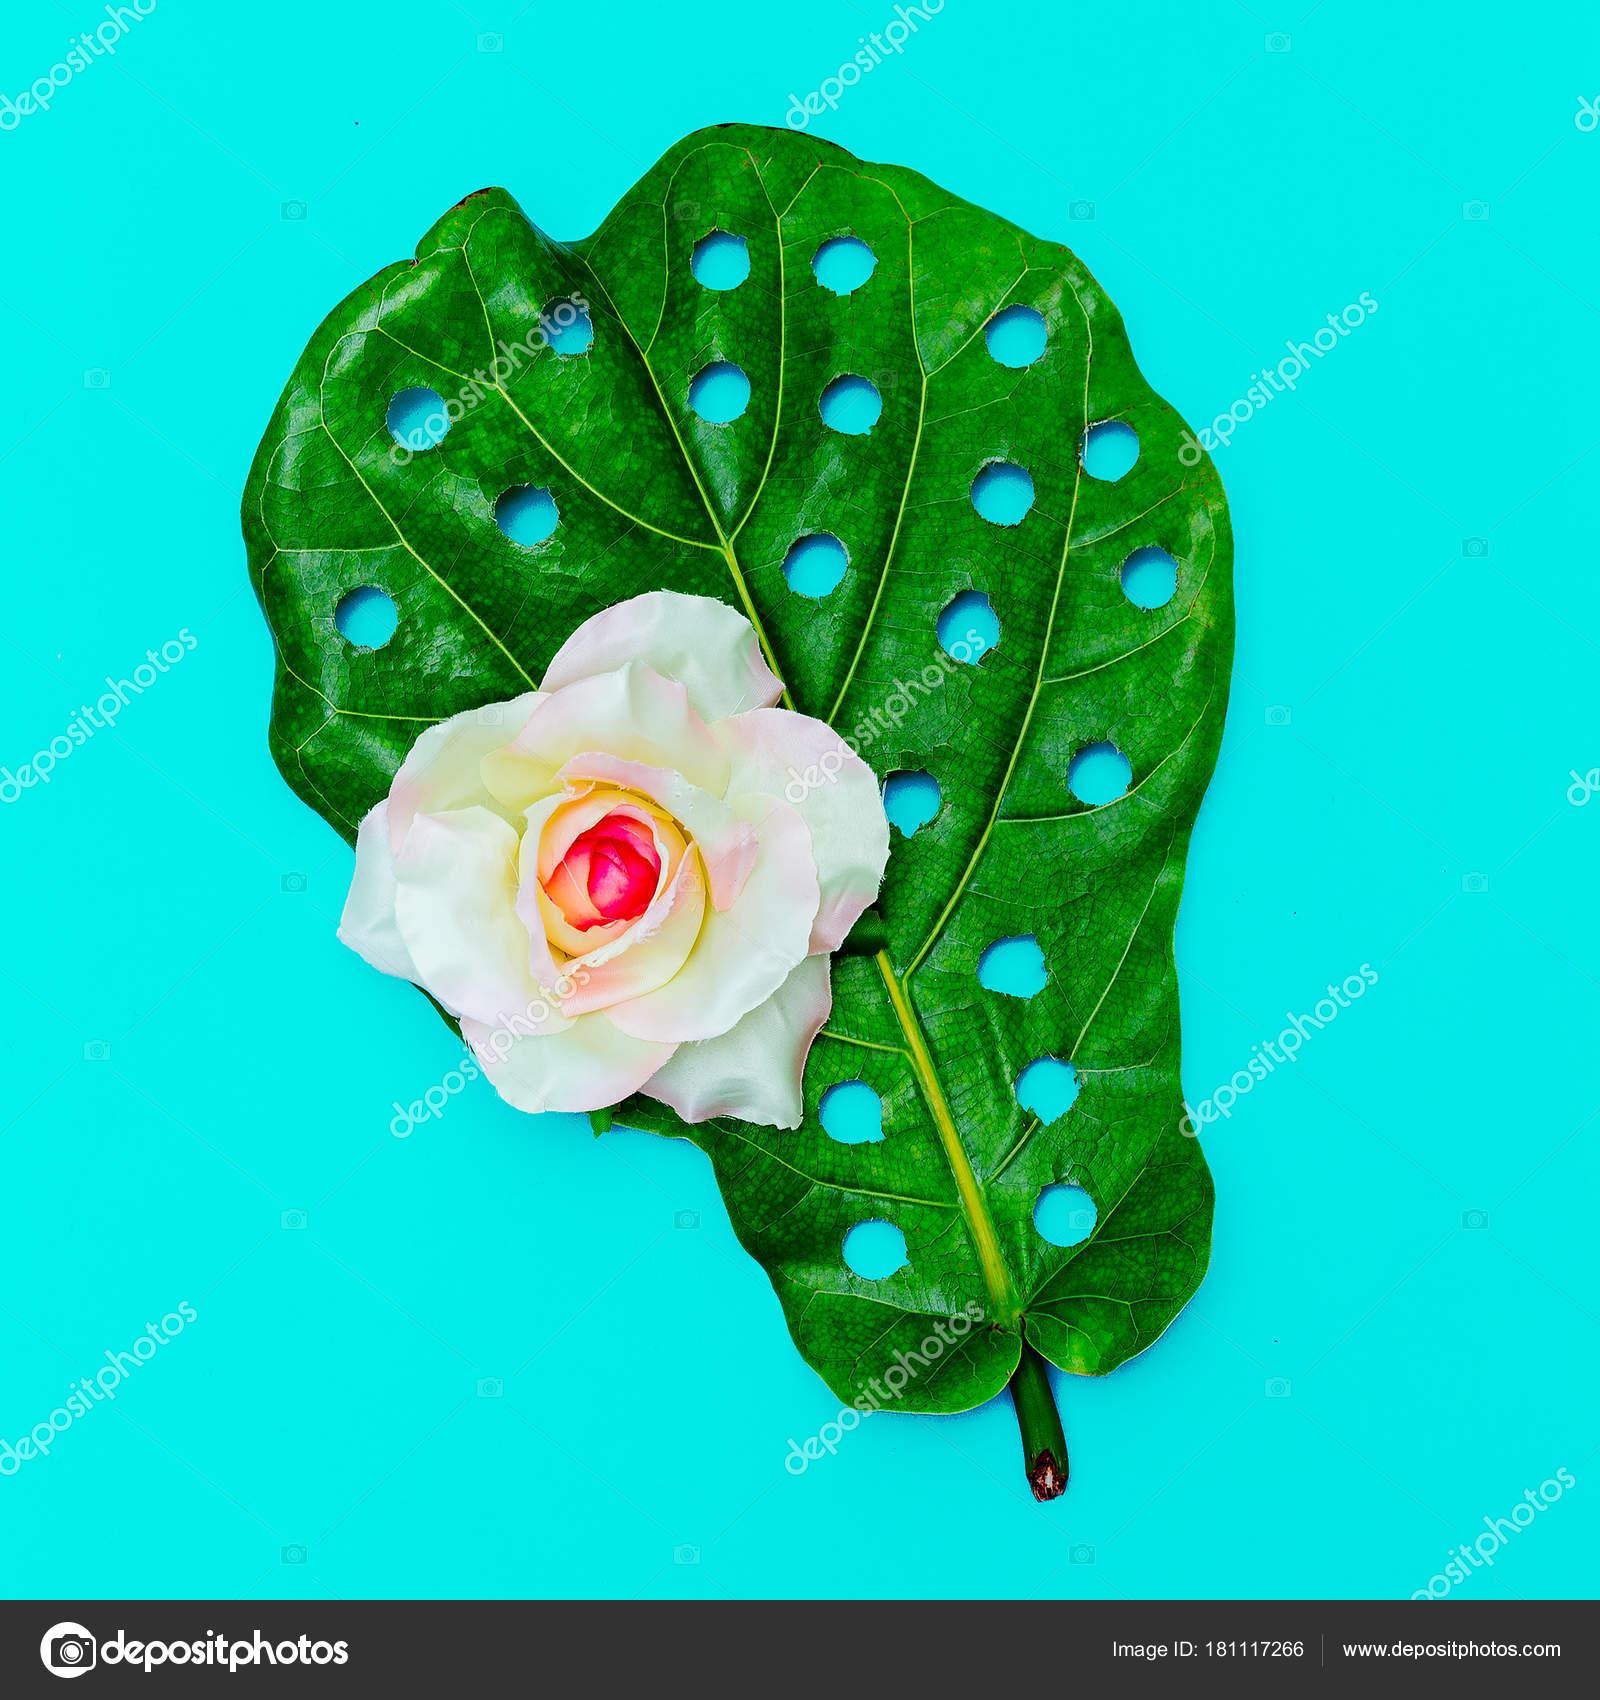 Loch-real Blatt und Rose Minimal Art Design. Flach zu legen ...